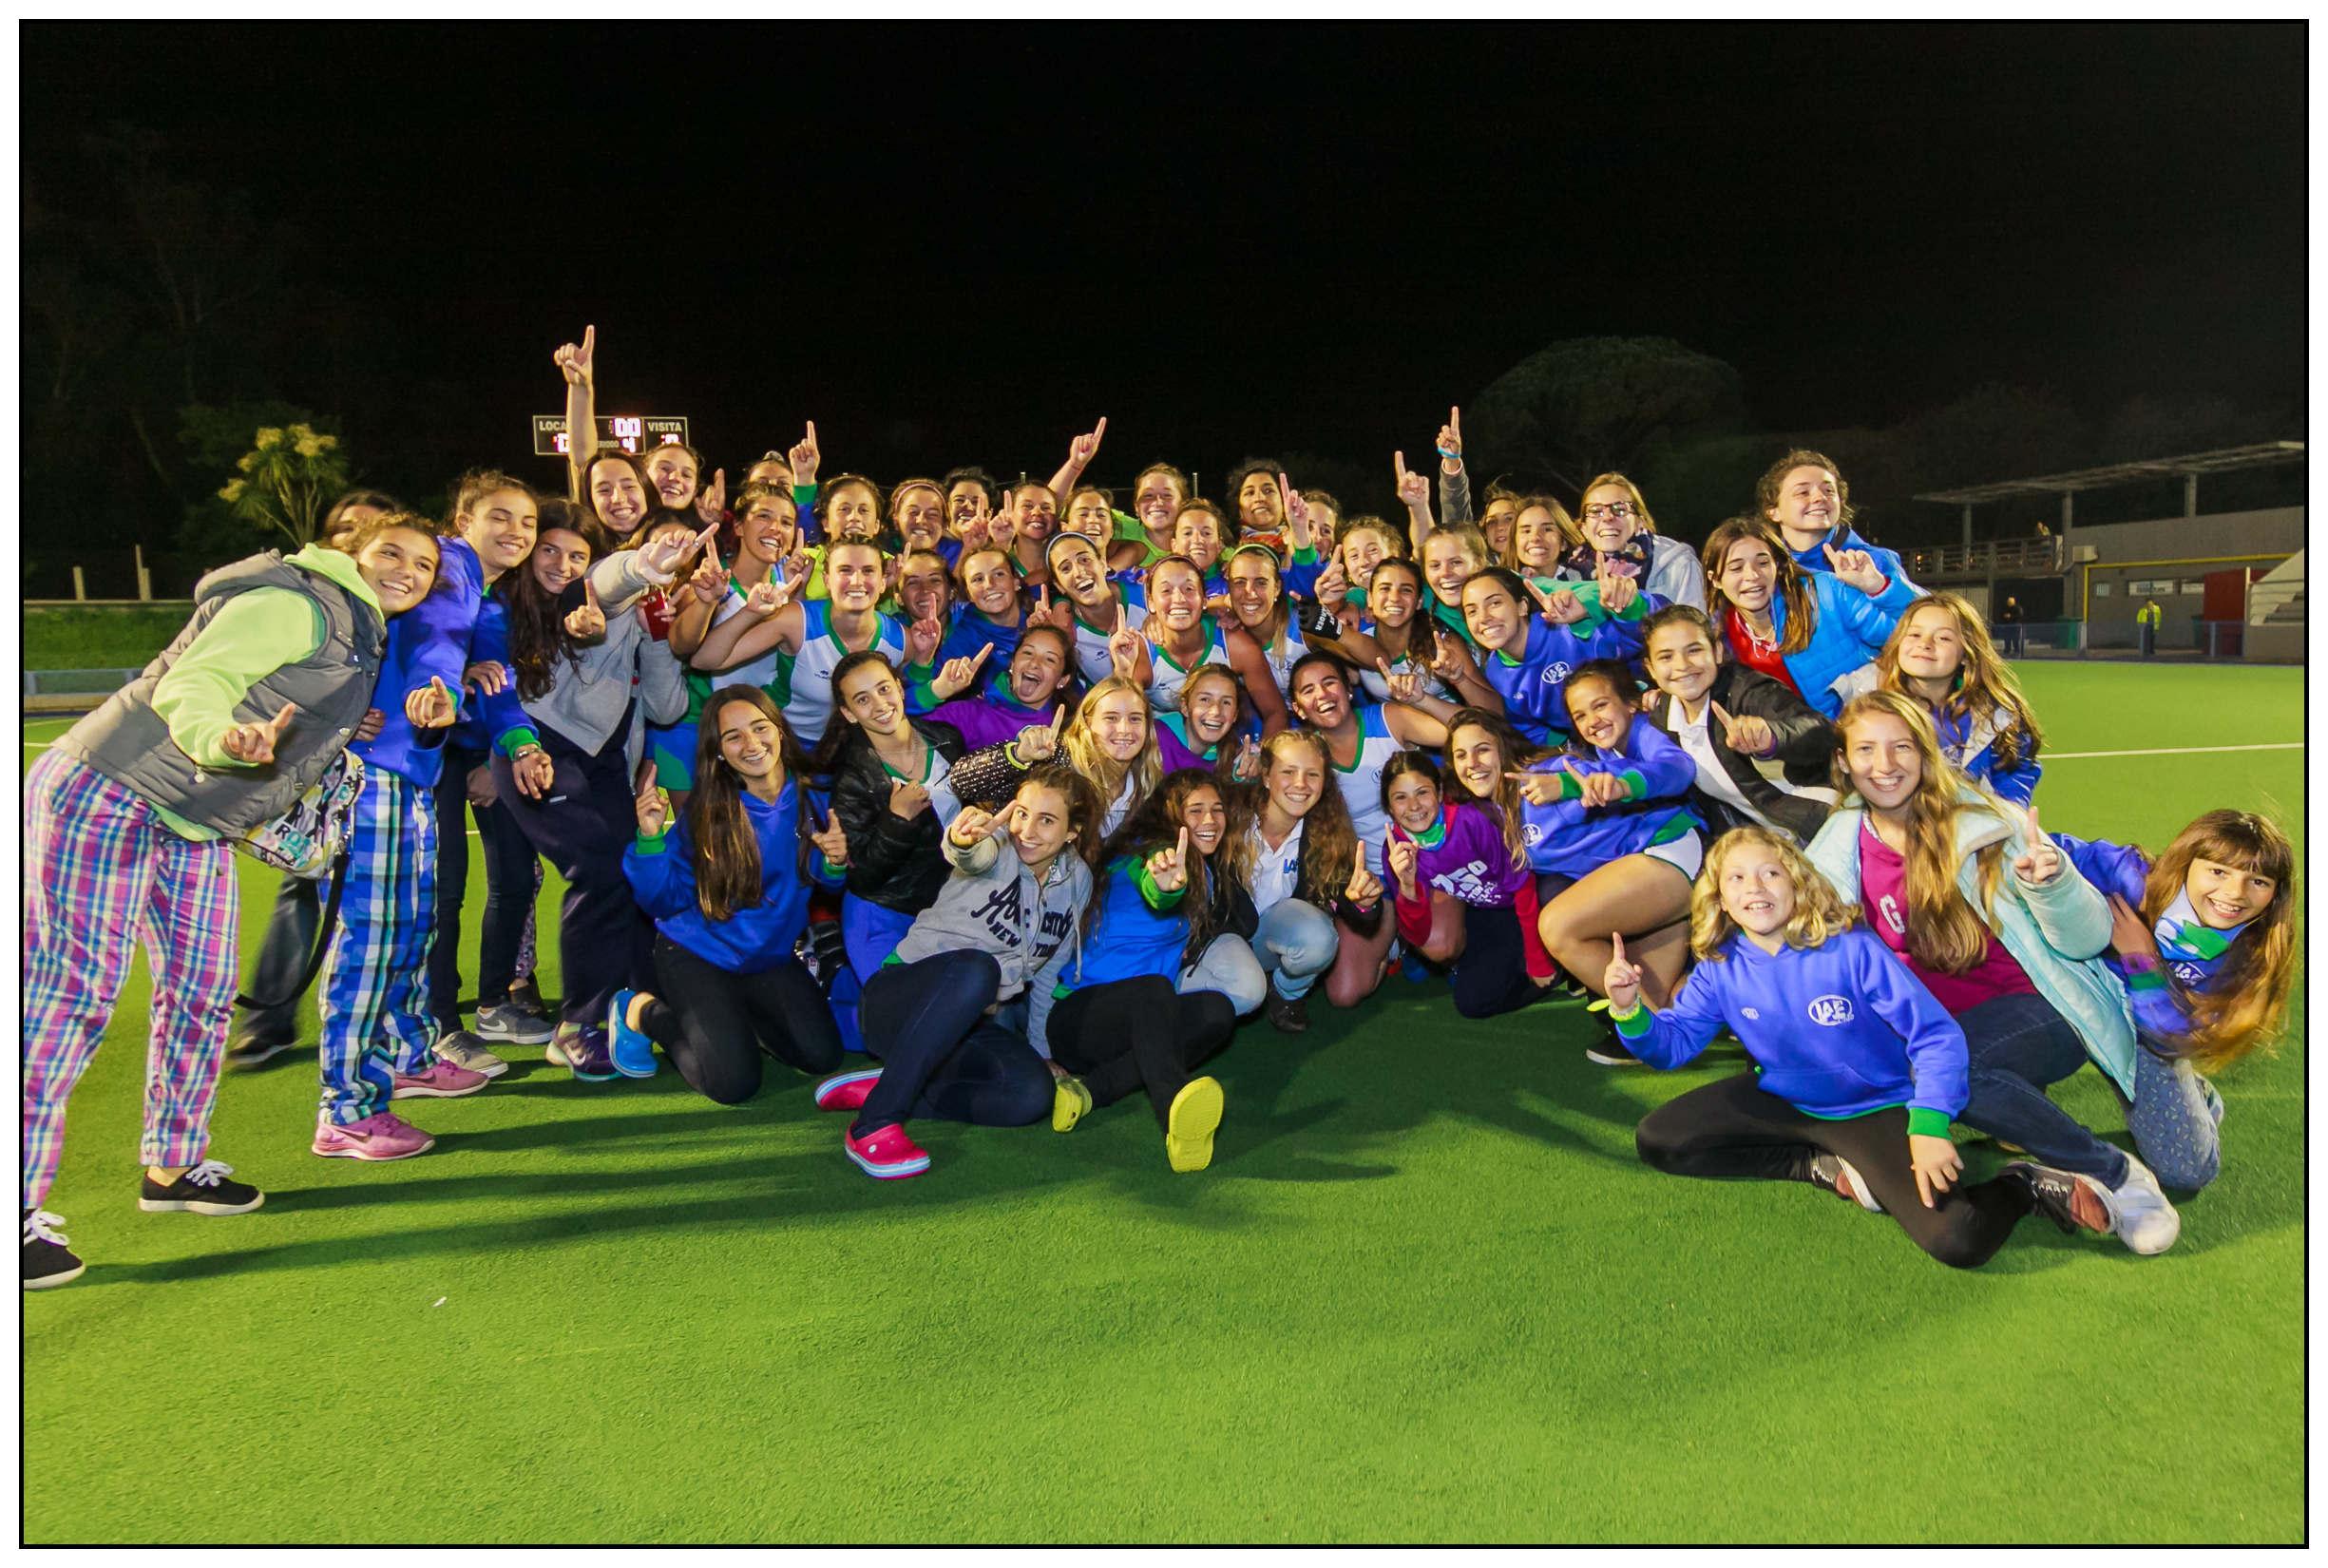 """IAE Club celebra su obtención de la Copa """"Ciudad Panamericana"""" (Foto: Diego Landi)"""